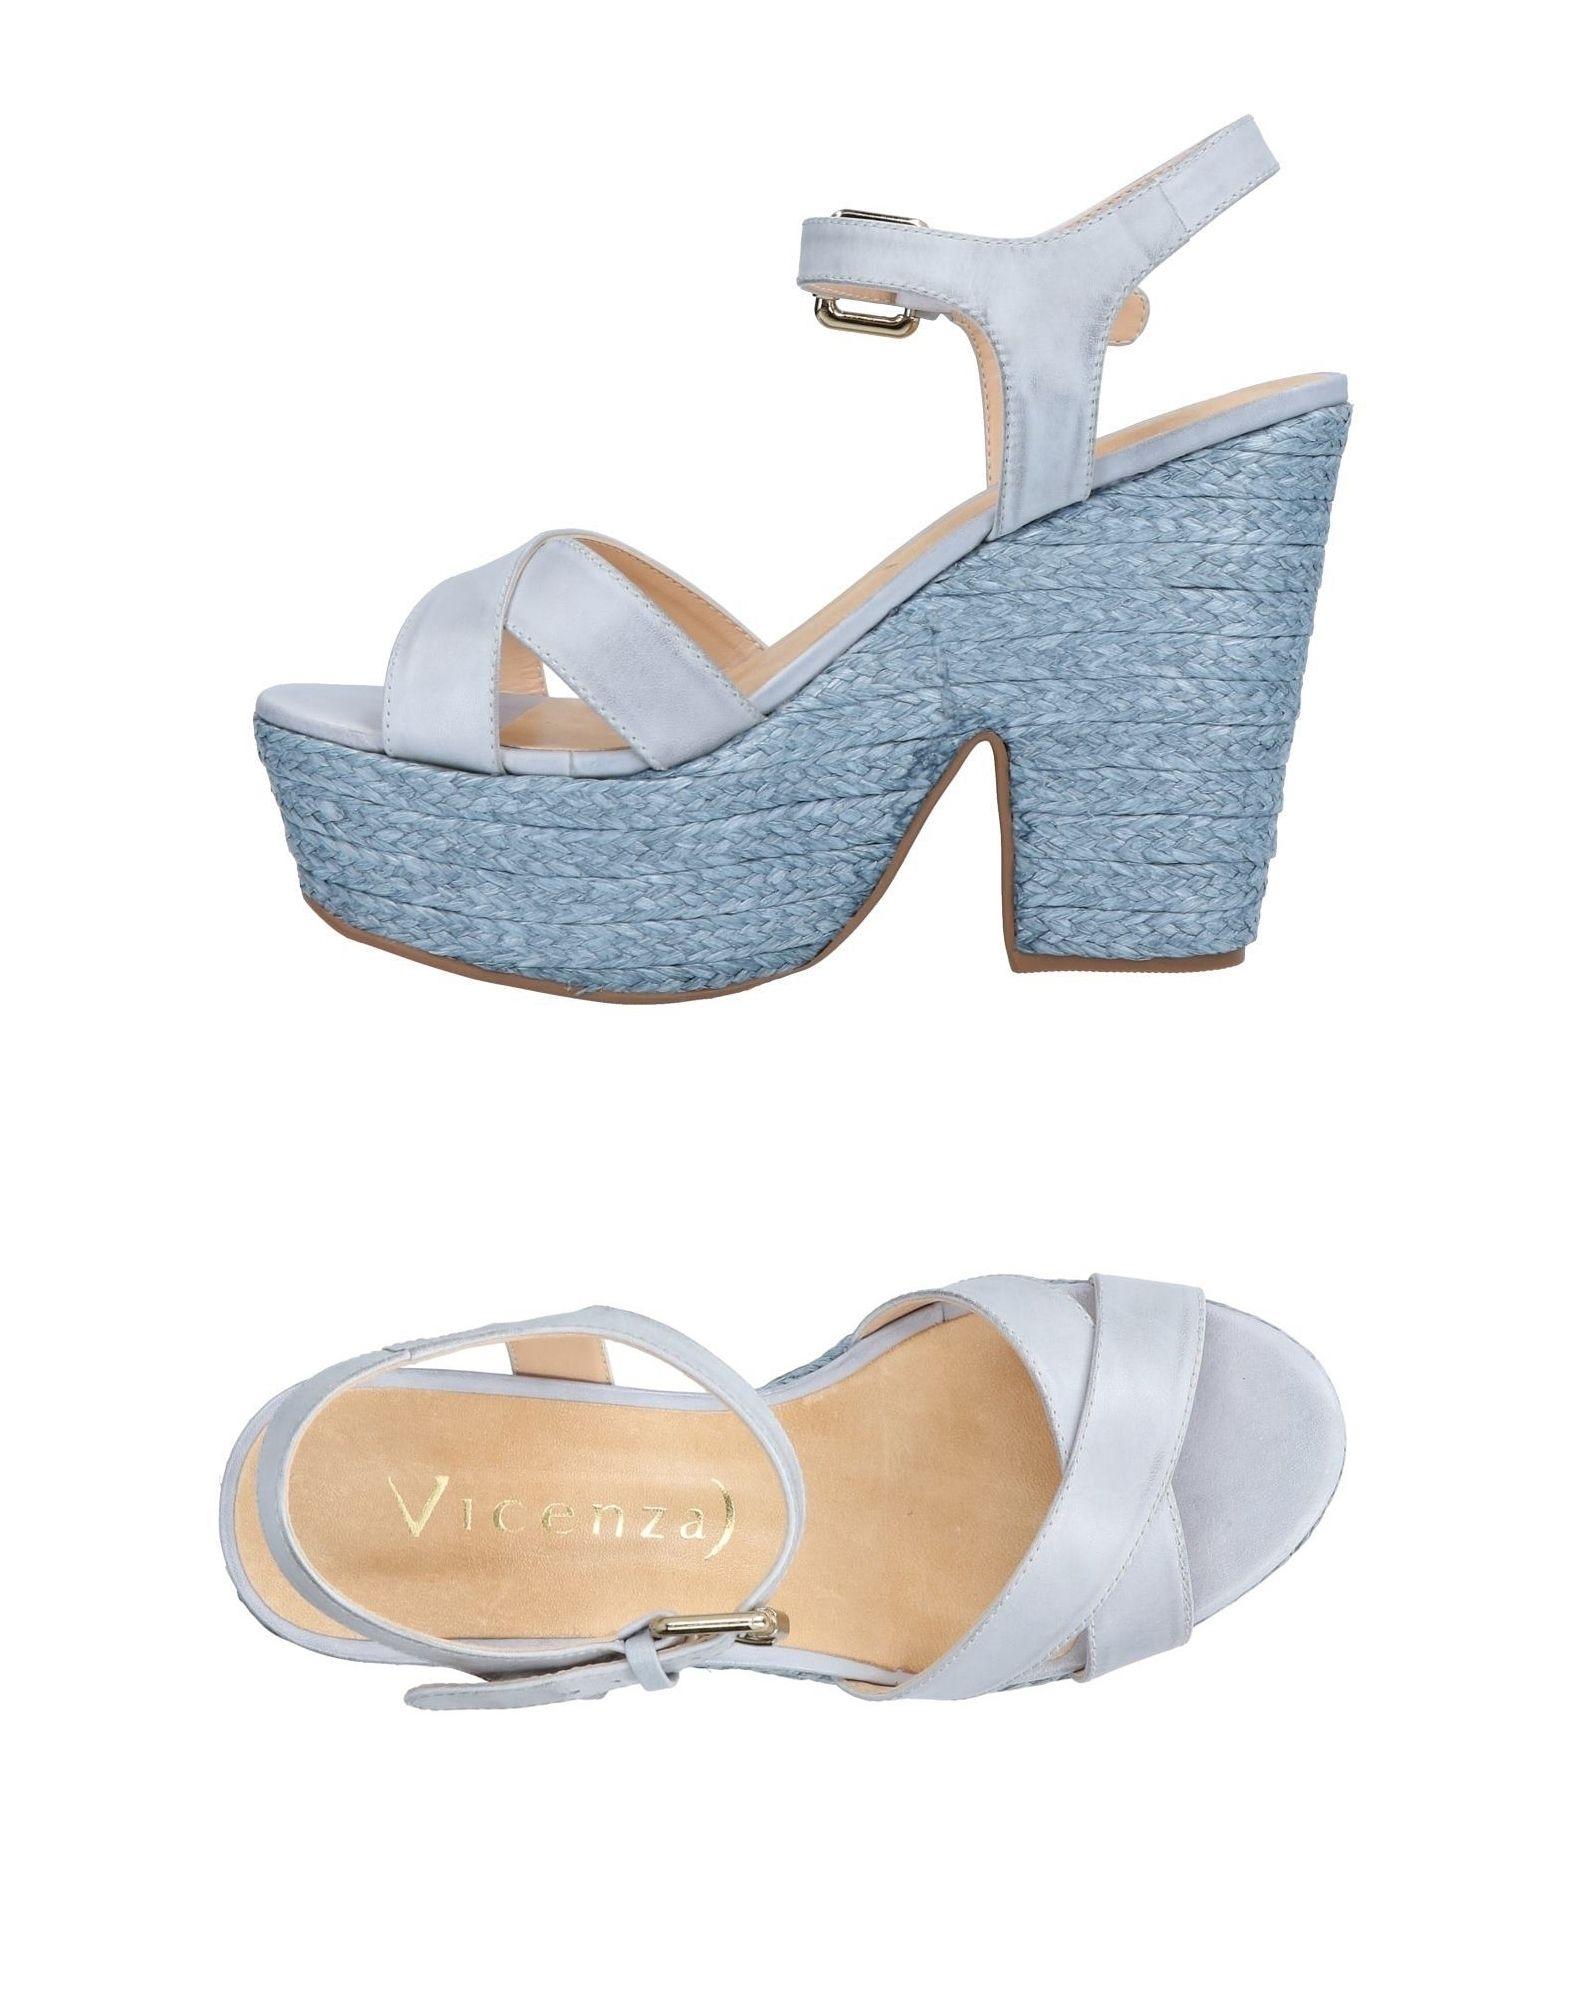 Vicenza) Sandalen Damen  11432025SO Gute Qualität beliebte Schuhe